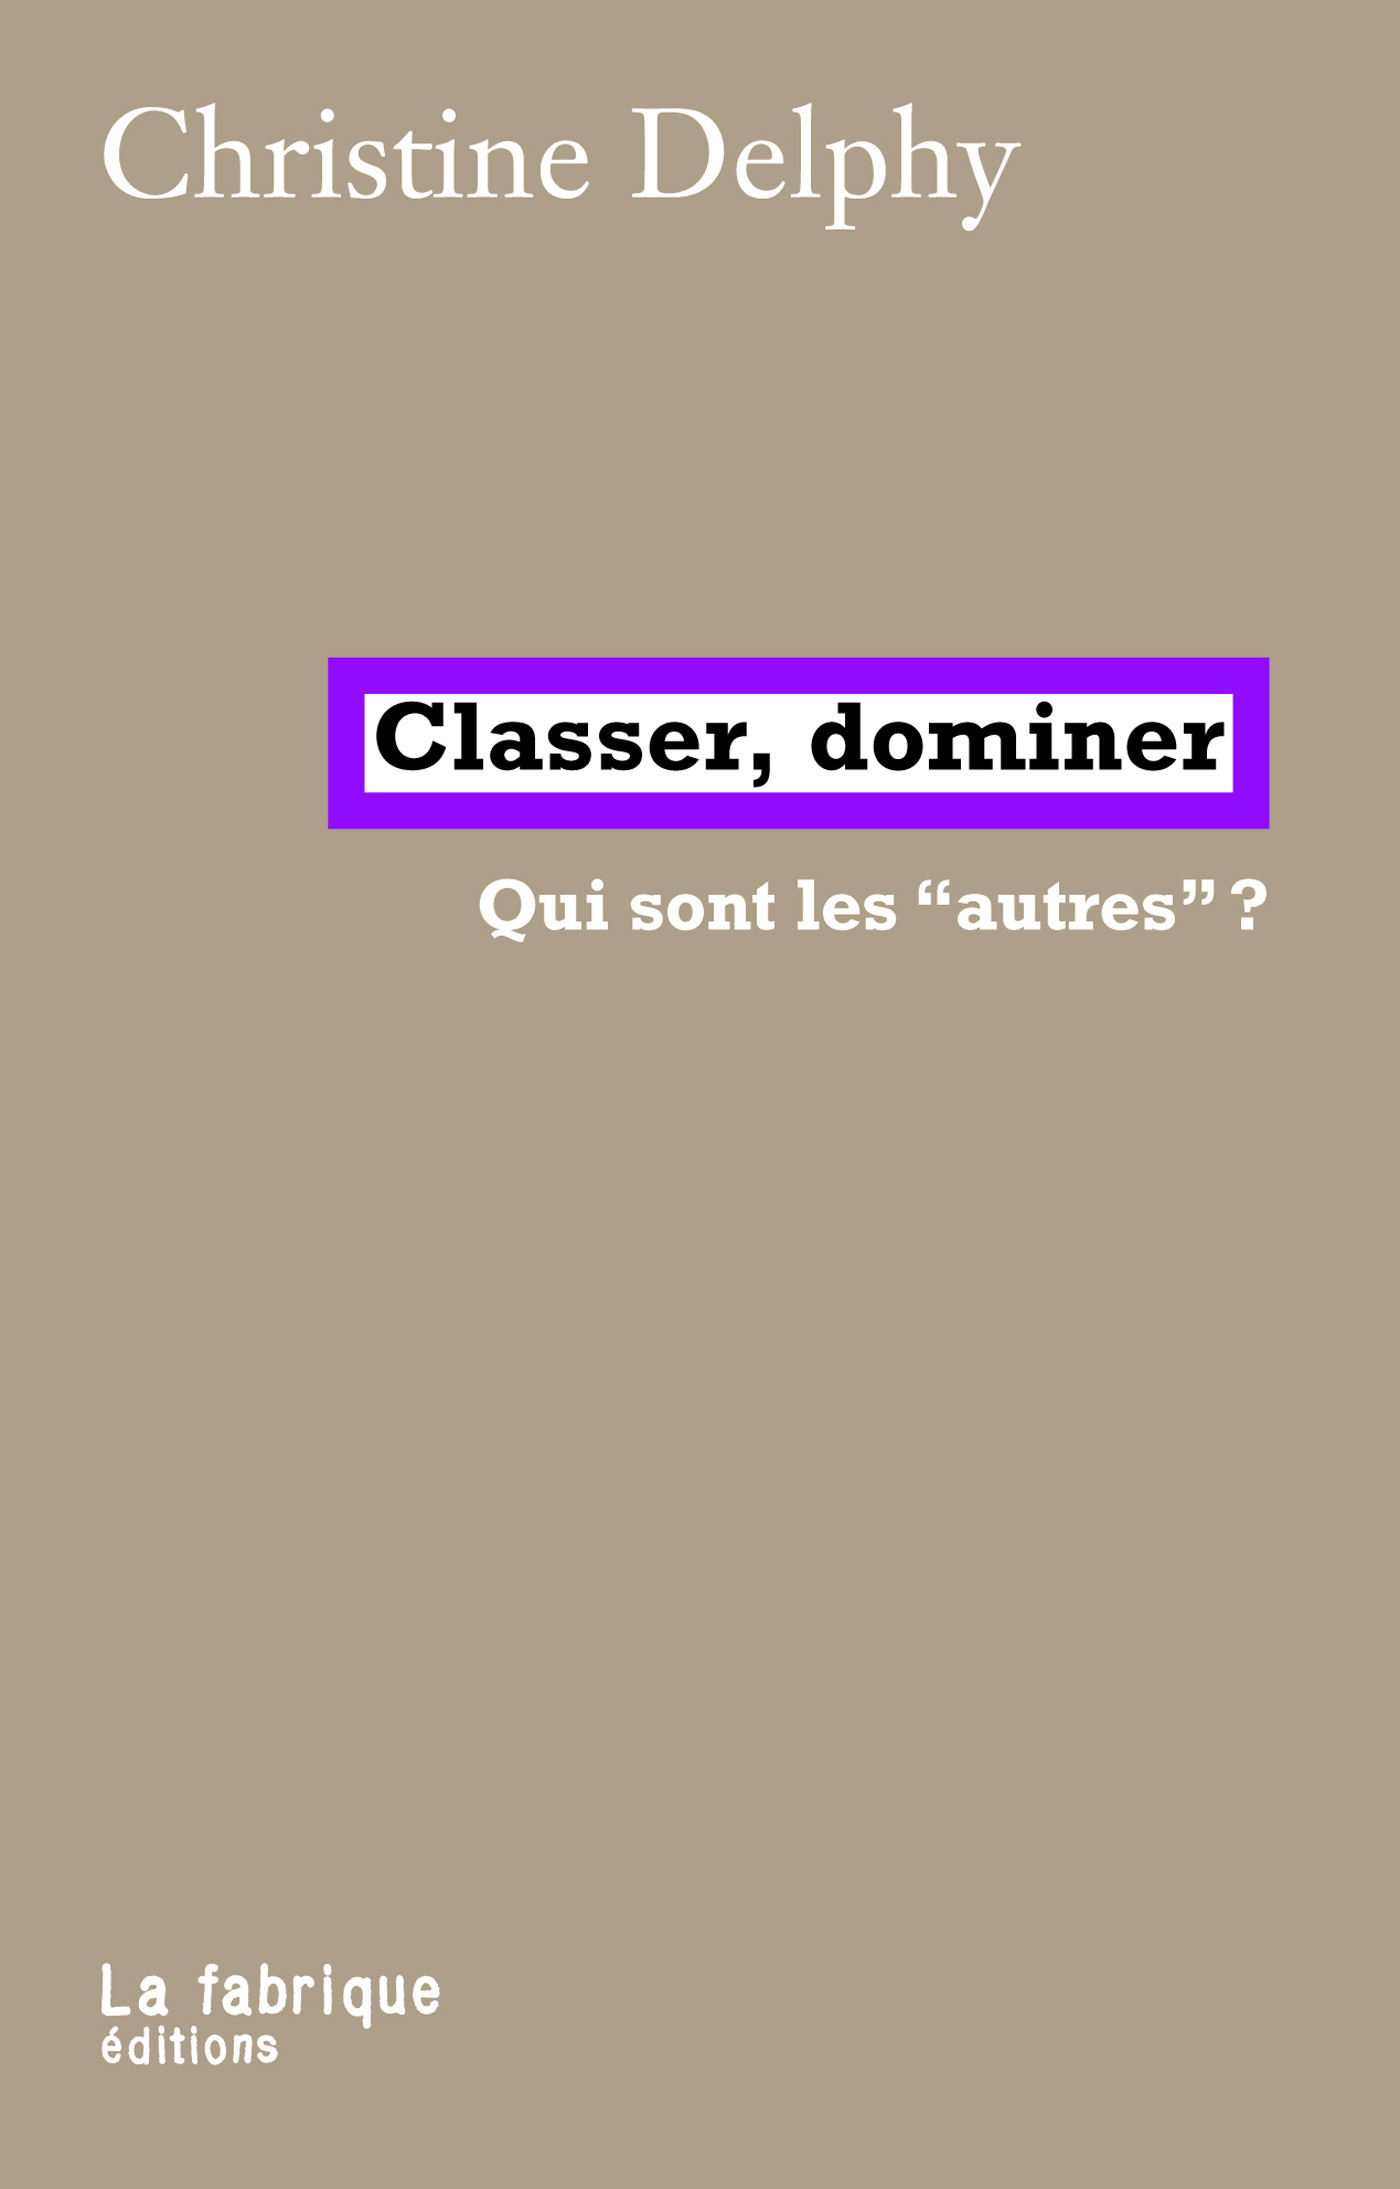 Classer, dominer ; qui sont les autres de la France ?